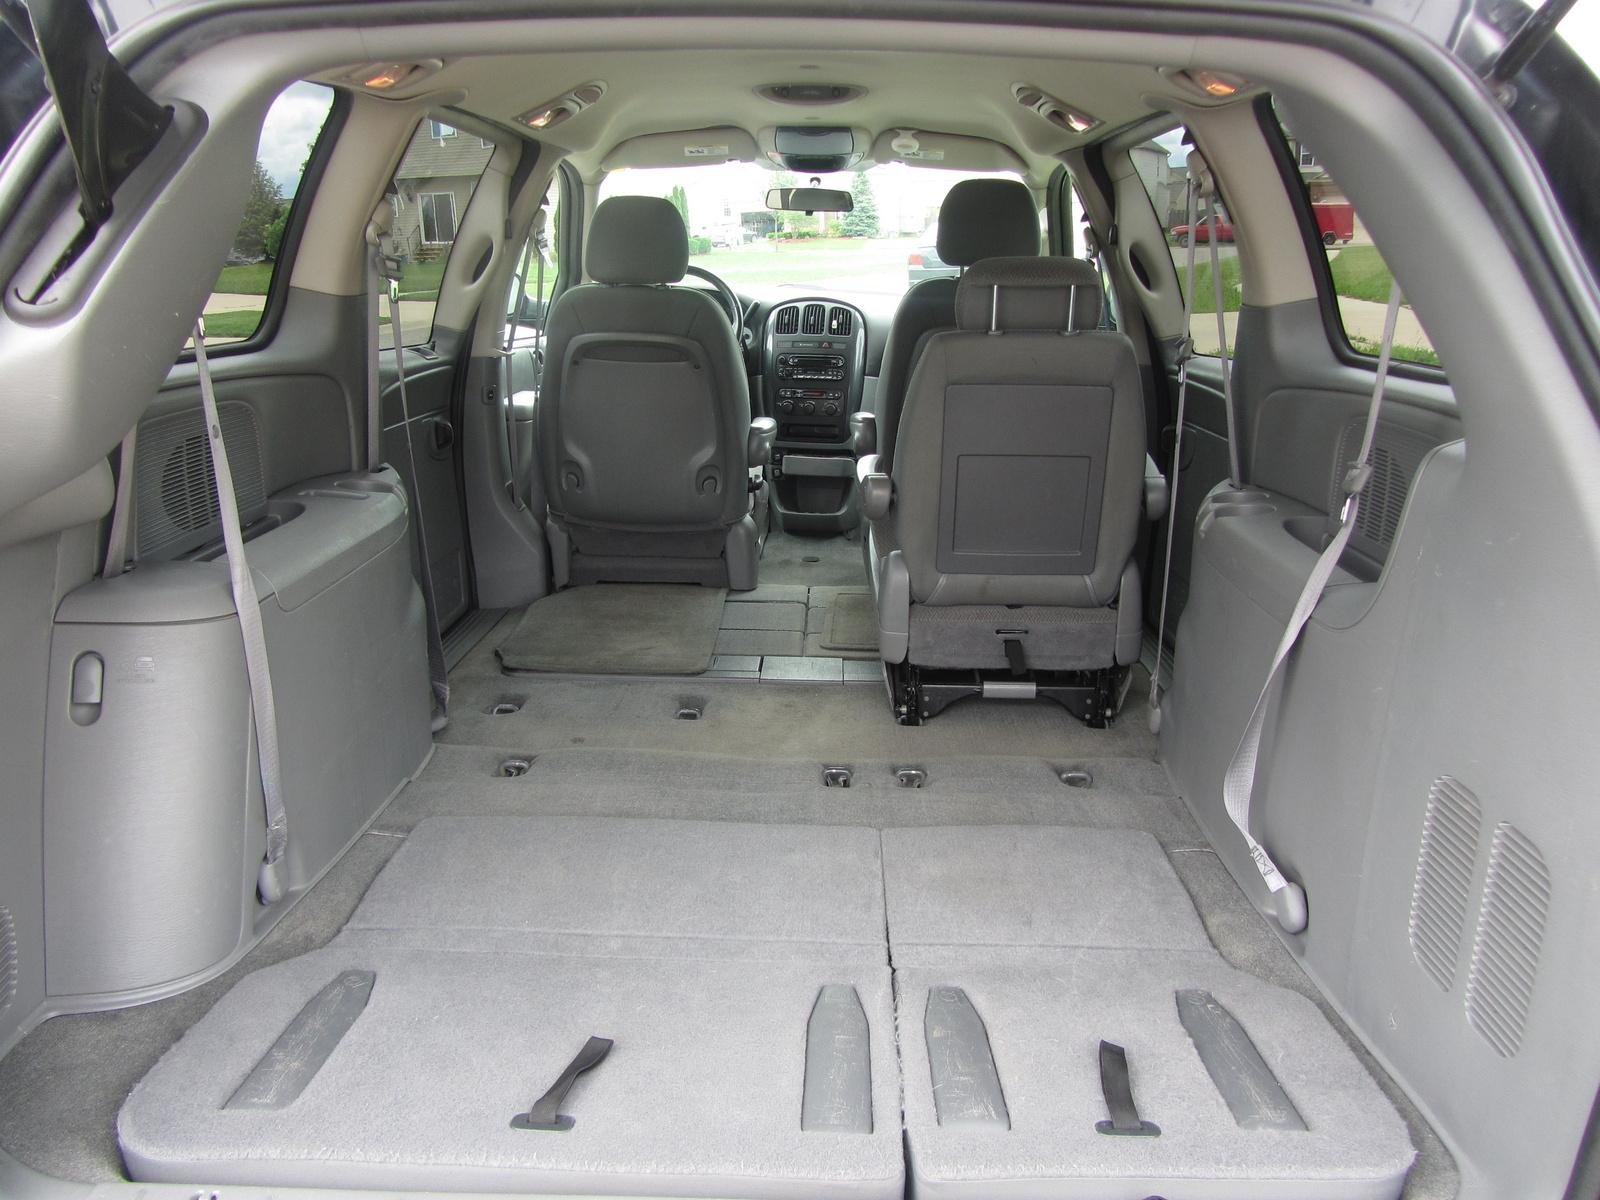 2007 Dodge Grand Caravan Pictures Cargurus